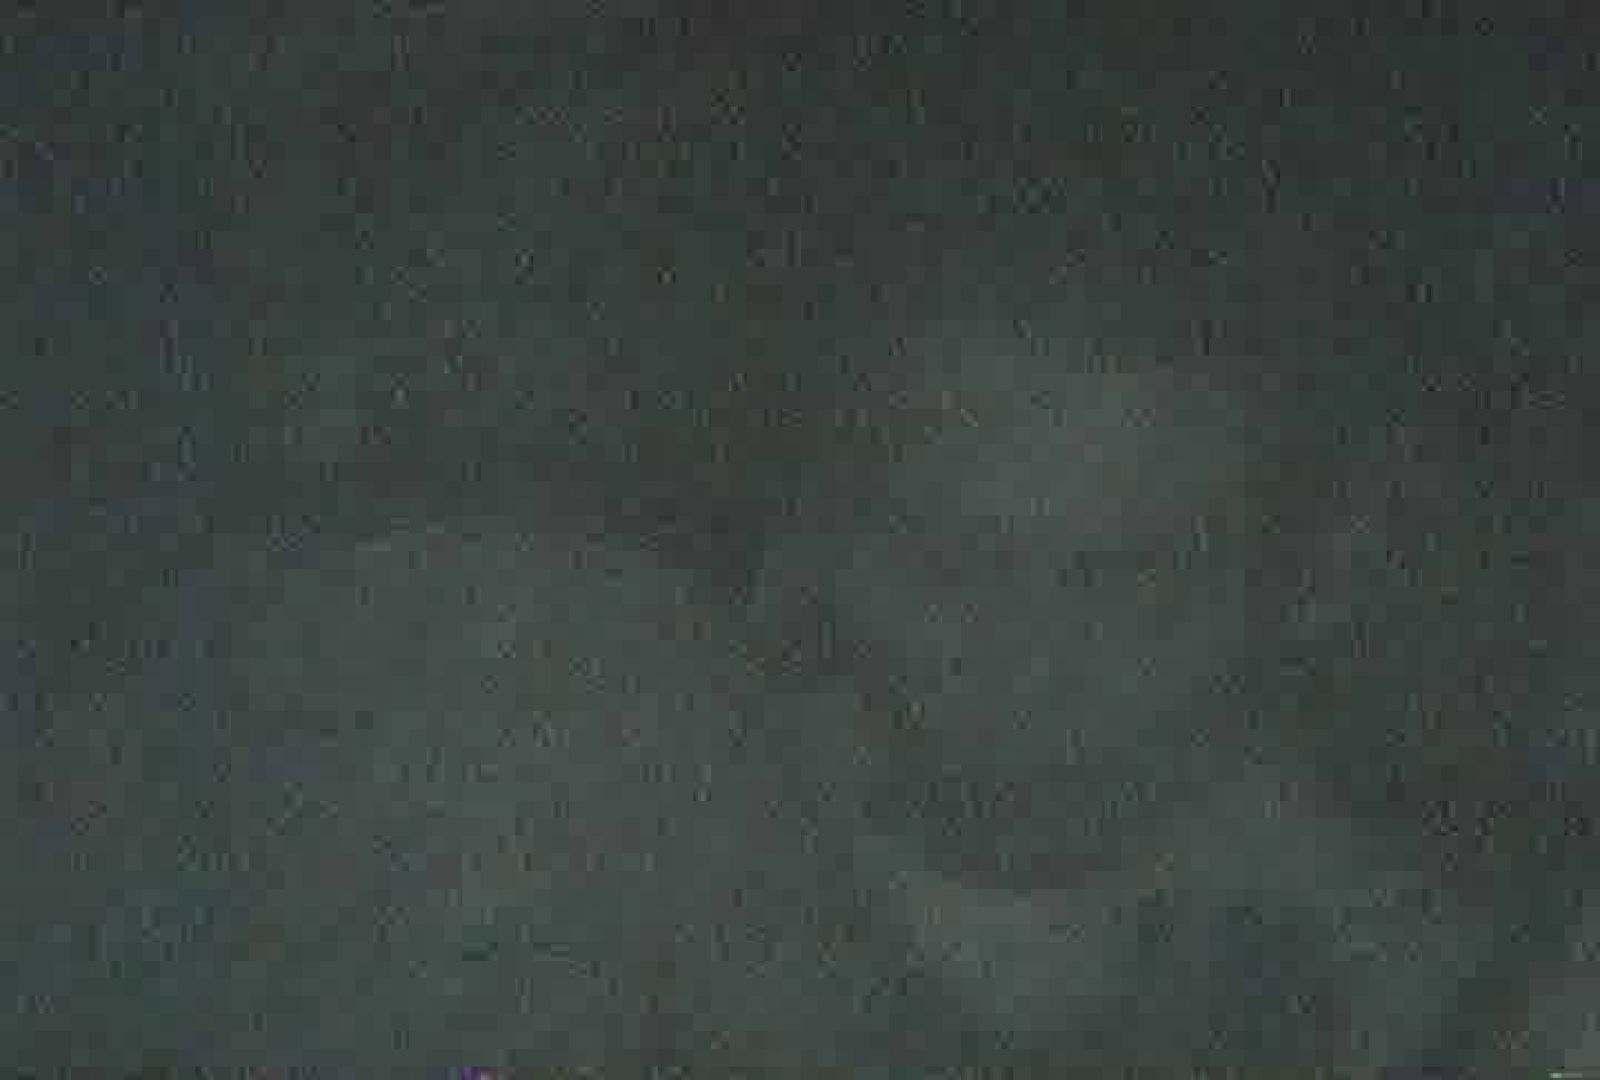 充血監督の深夜の運動会Vol.57 現役ギャル  101pic 36